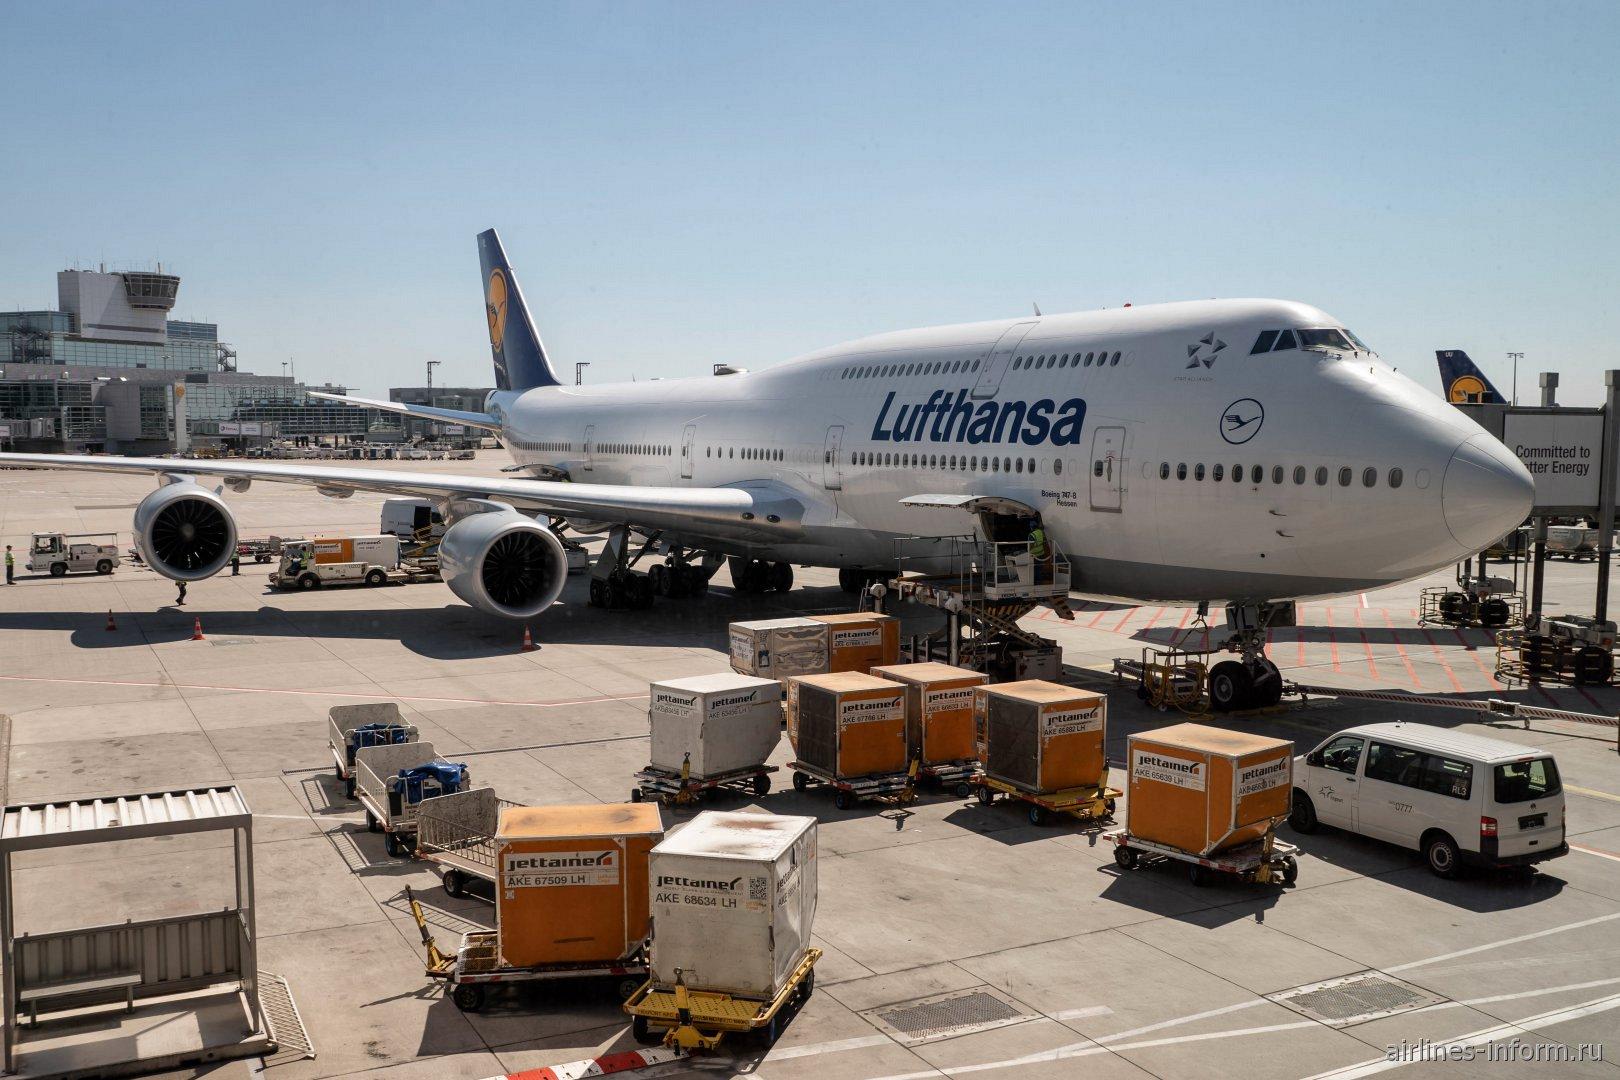 Авиалайнер Боинг-747-8 D-ABYL авиакомпании Lufthansa в аэропорту Франкфурт